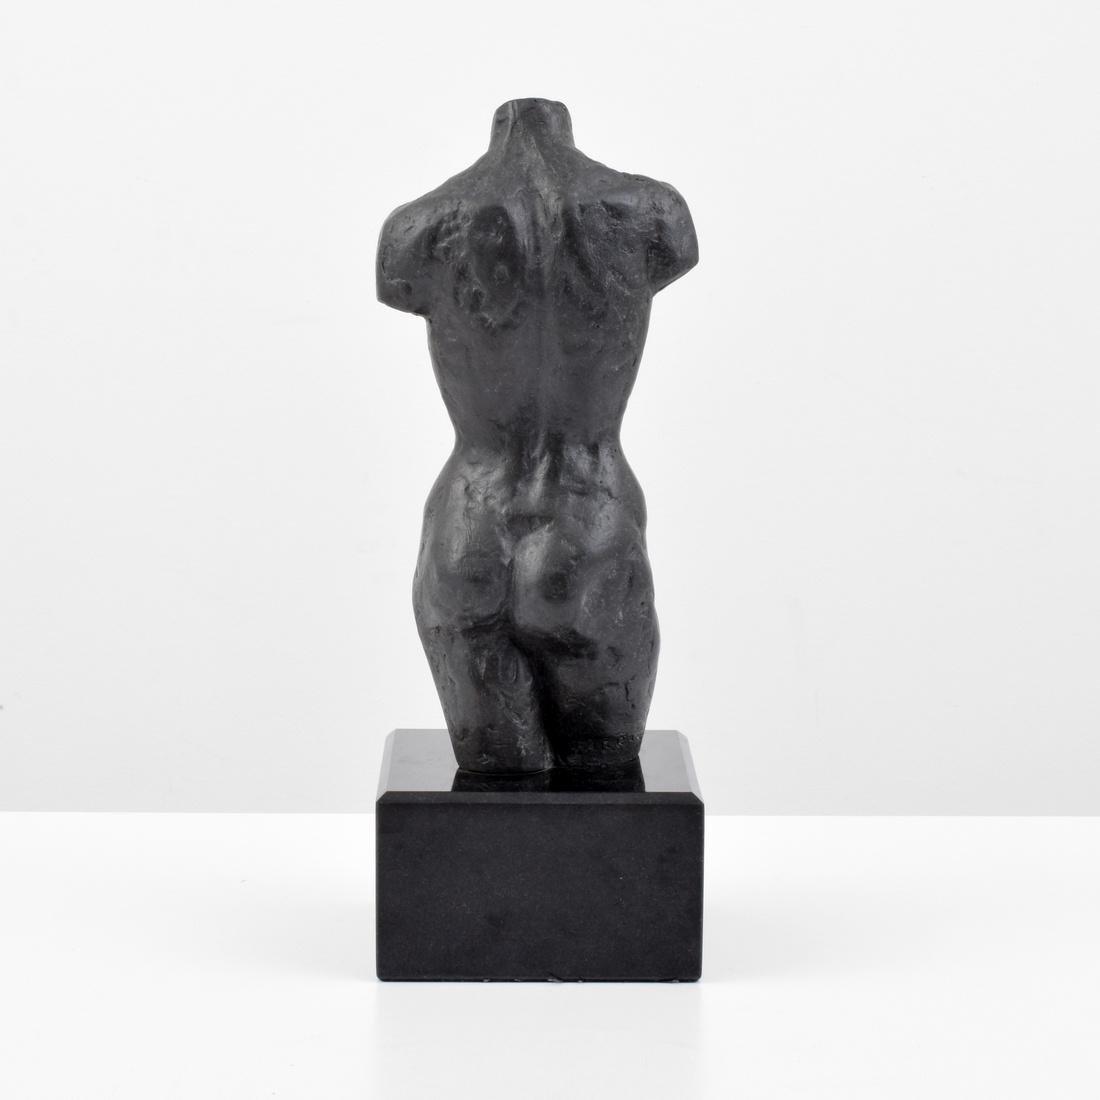 Farrah Fawcett Figural Bronze Sculpture - 2